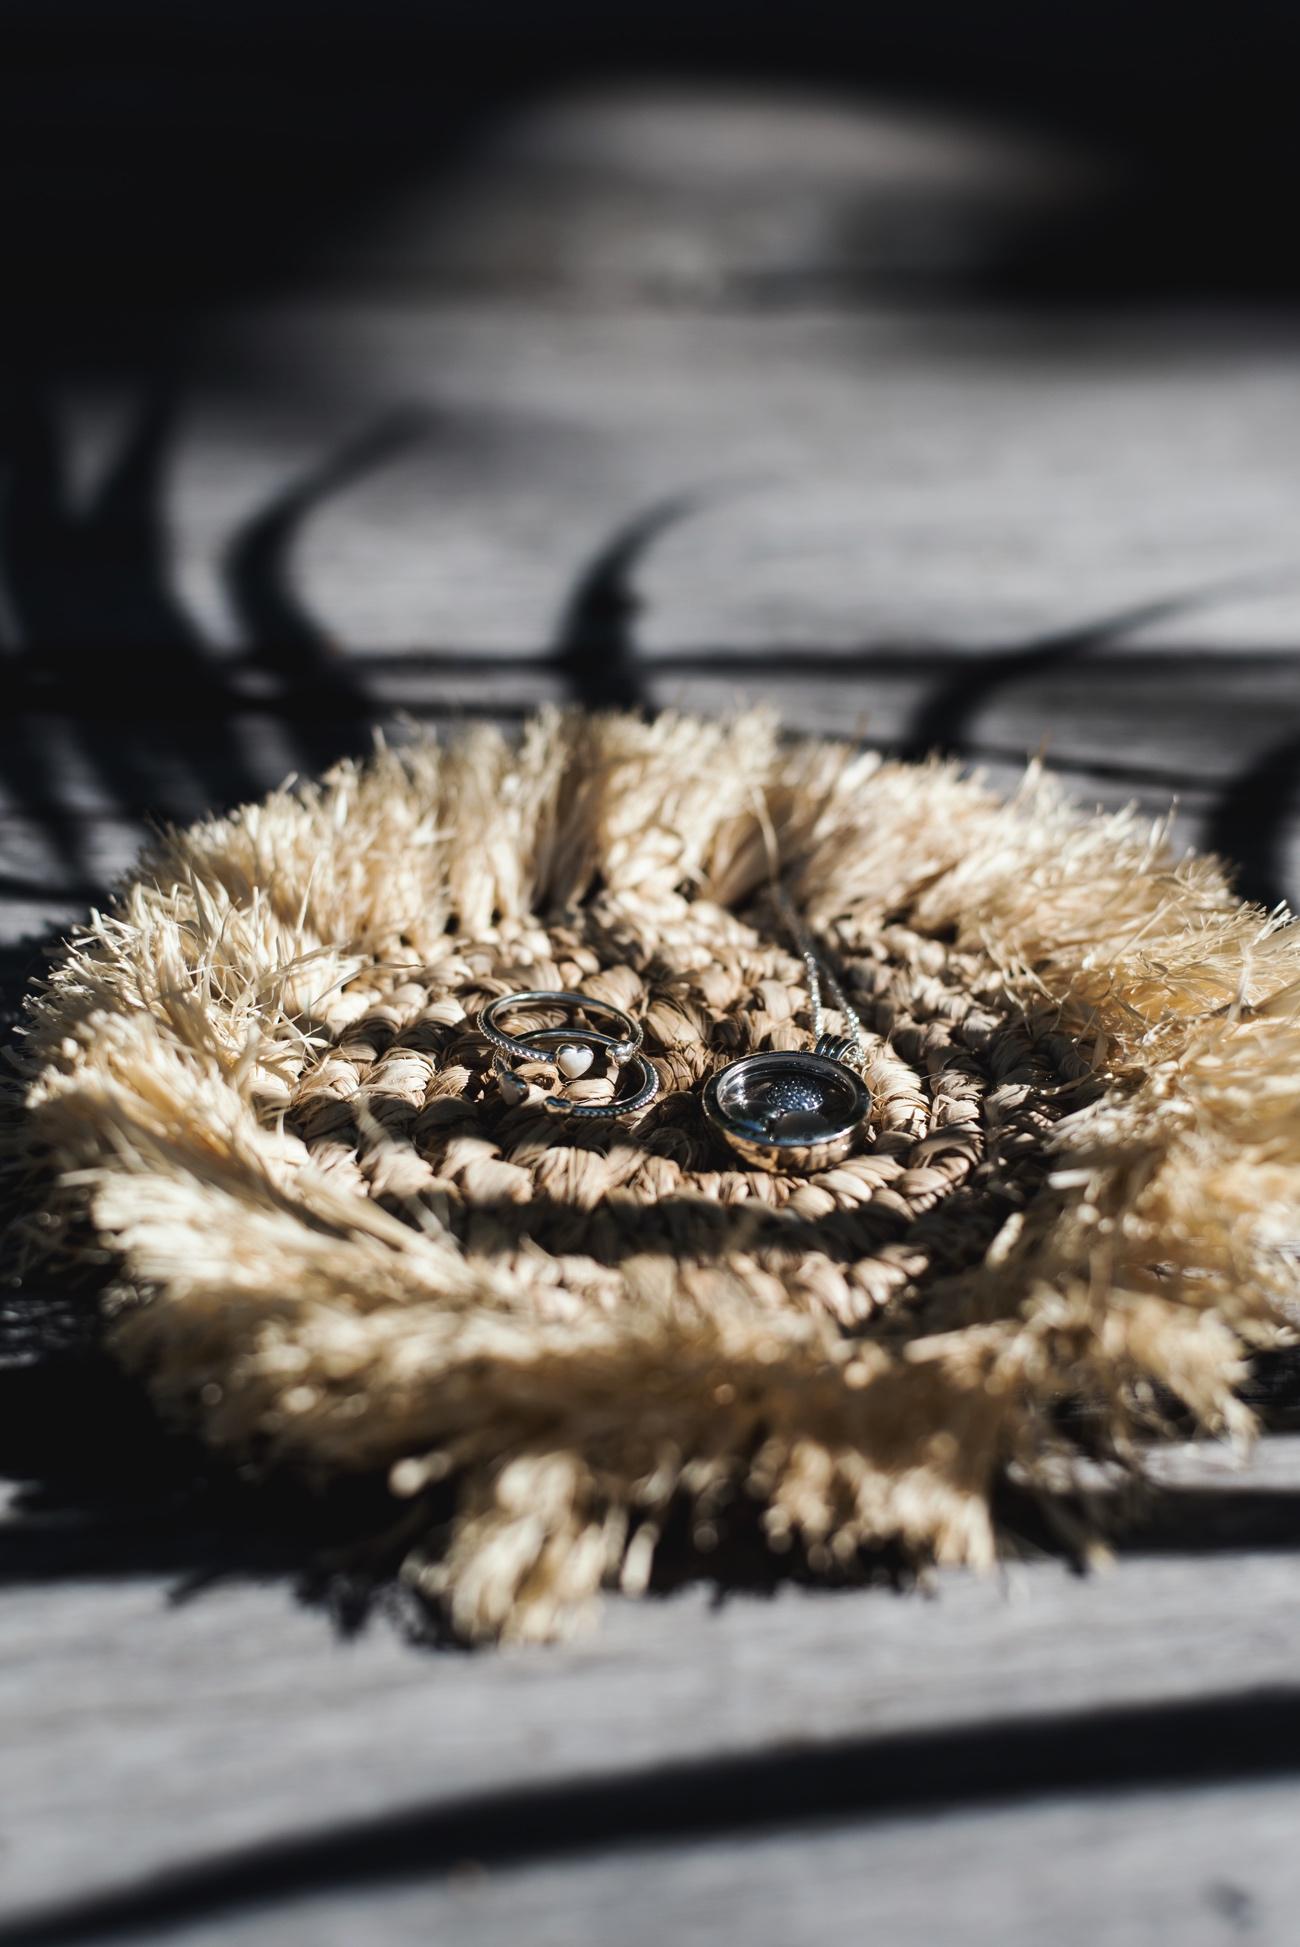 geschenk-zum-muttertag-geschenkidee-gift-for-mothers-day-fashiioncarpet